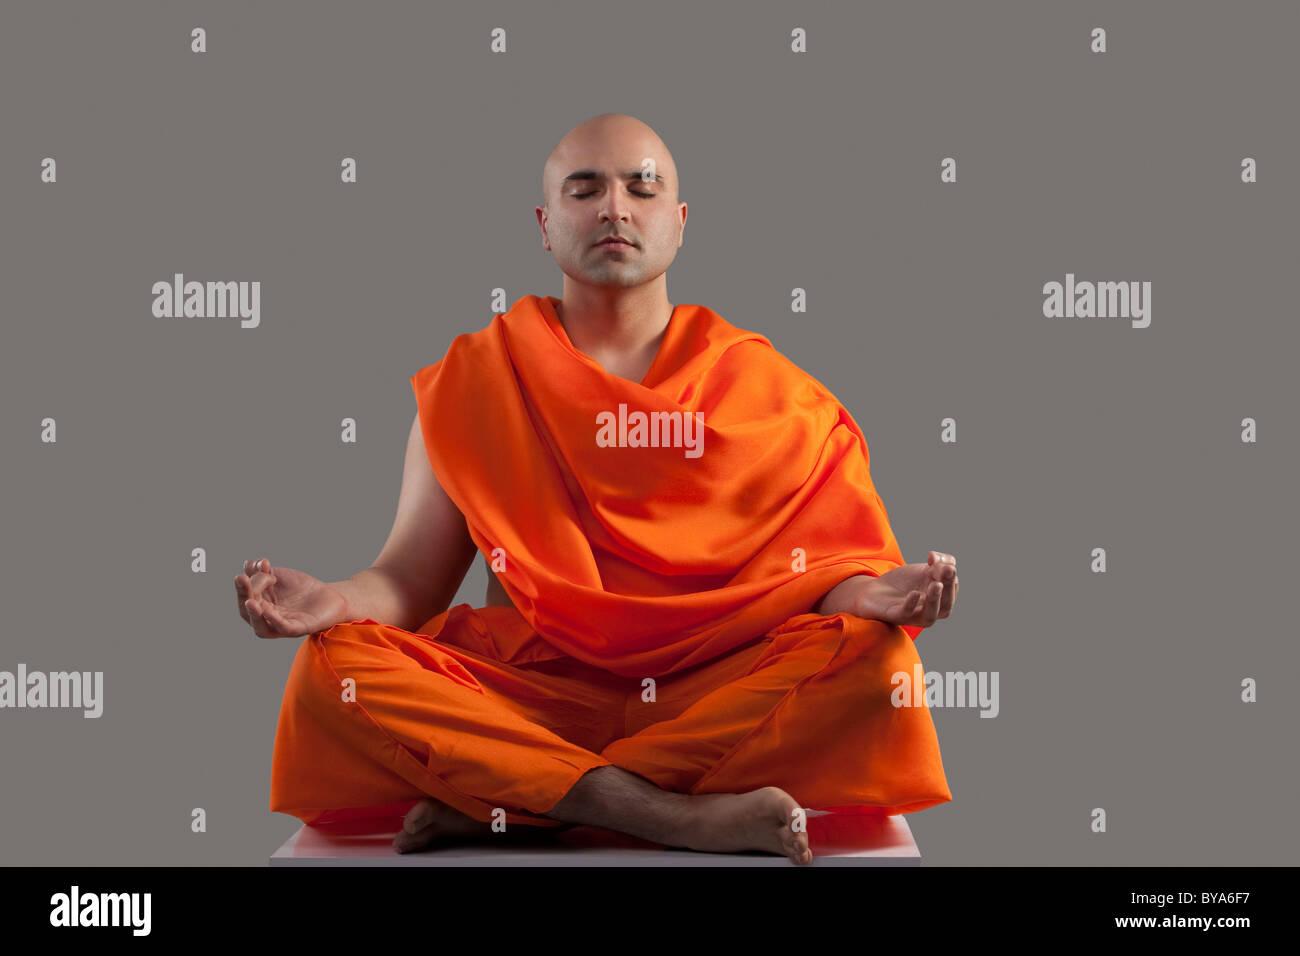 Monk meditating Stock Photo: 34030731 - Alamy Indian Religious Background